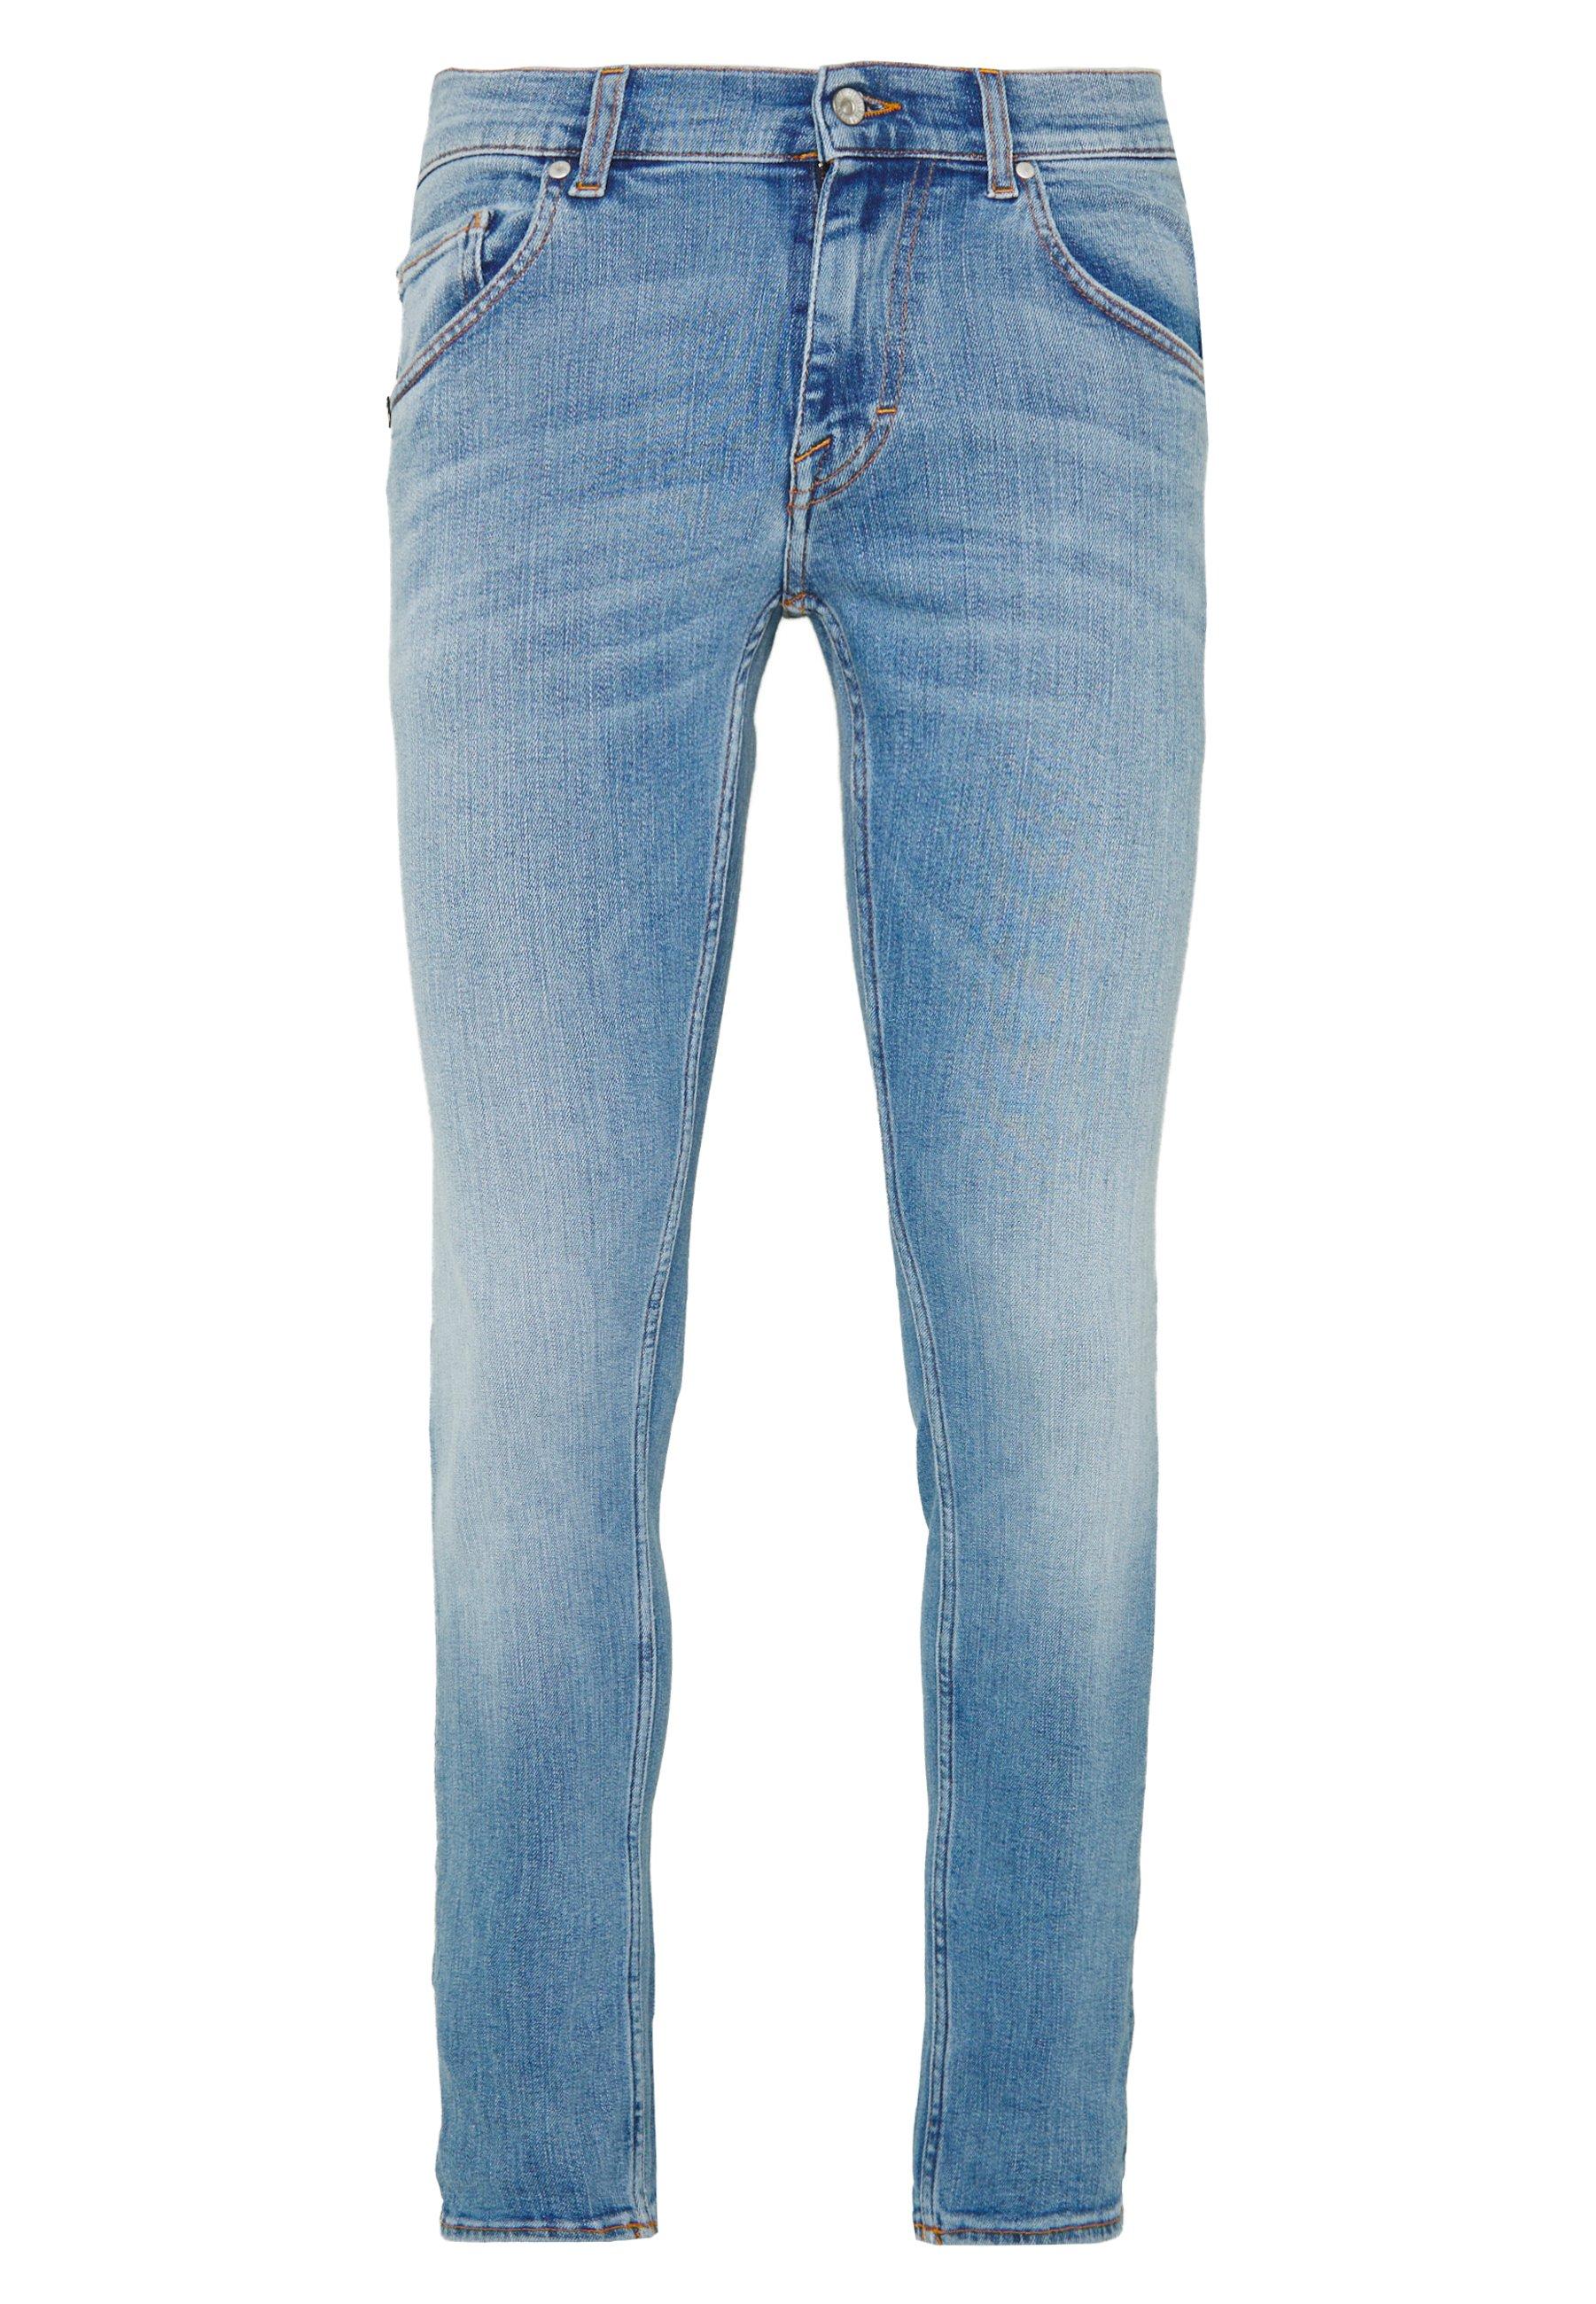 Tiger of Sweden Jeans Jean slim - light blue